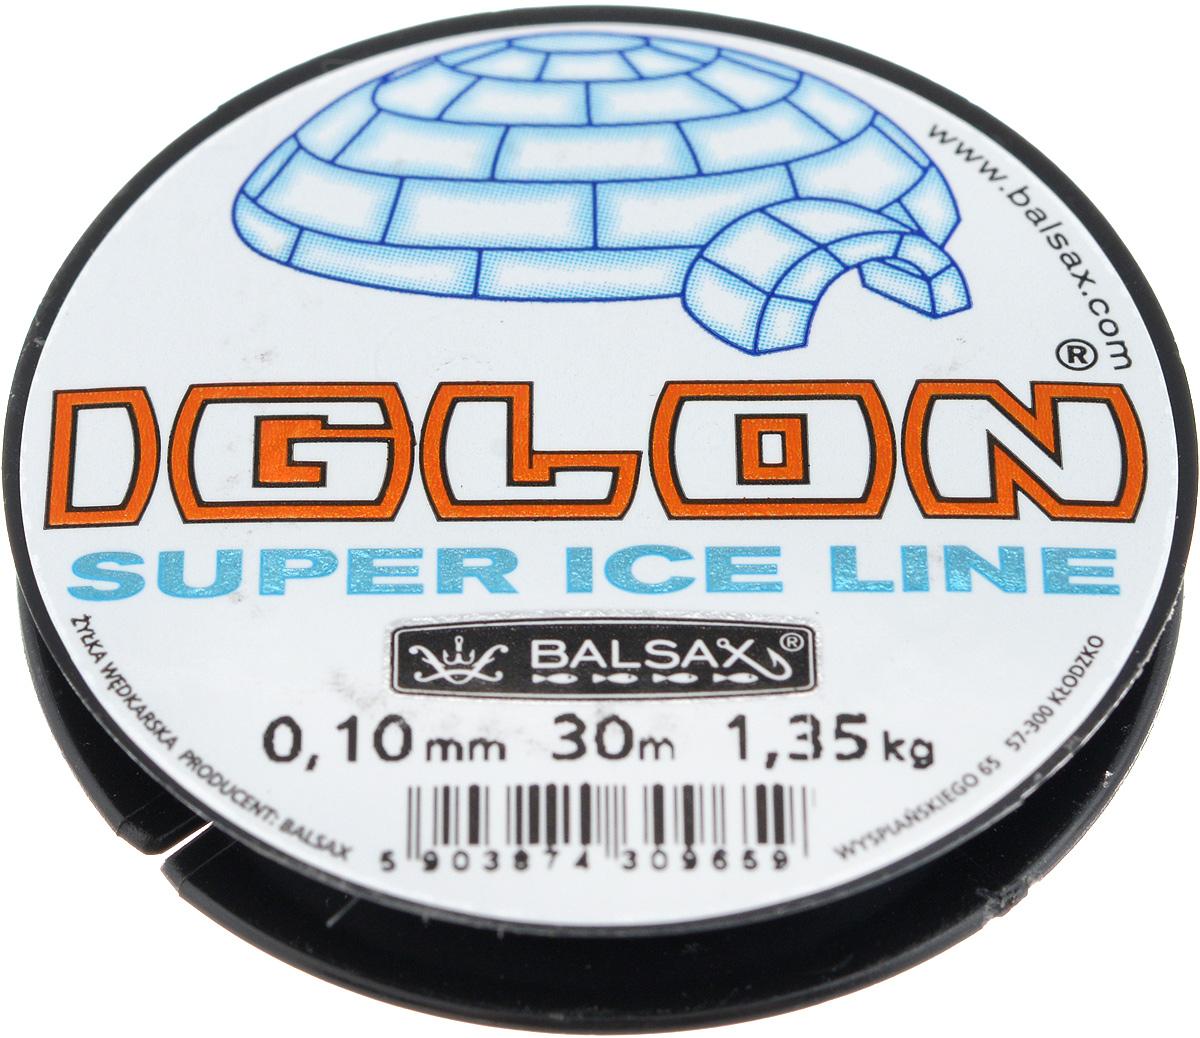 Леска зимняя Balsax Iglon, 30 м, 0,10 мм, 1,35 кг310-06025Леска Balsax Iglon изготовлена из 100% нейлона и очень хорошо выдерживает низкие температуры. Даже в самом холодном климате, при температуре вплоть до -40°C, она сохраняет свои свойства практически без изменений, в то время как традиционные лески становятся менее эластичными и теряют прочность.Поверхность лески обработана таким образом, что она не обмерзает и отлично подходит для подледного лова. Прочна в местах вязки узлов даже при минимальном диаметре.